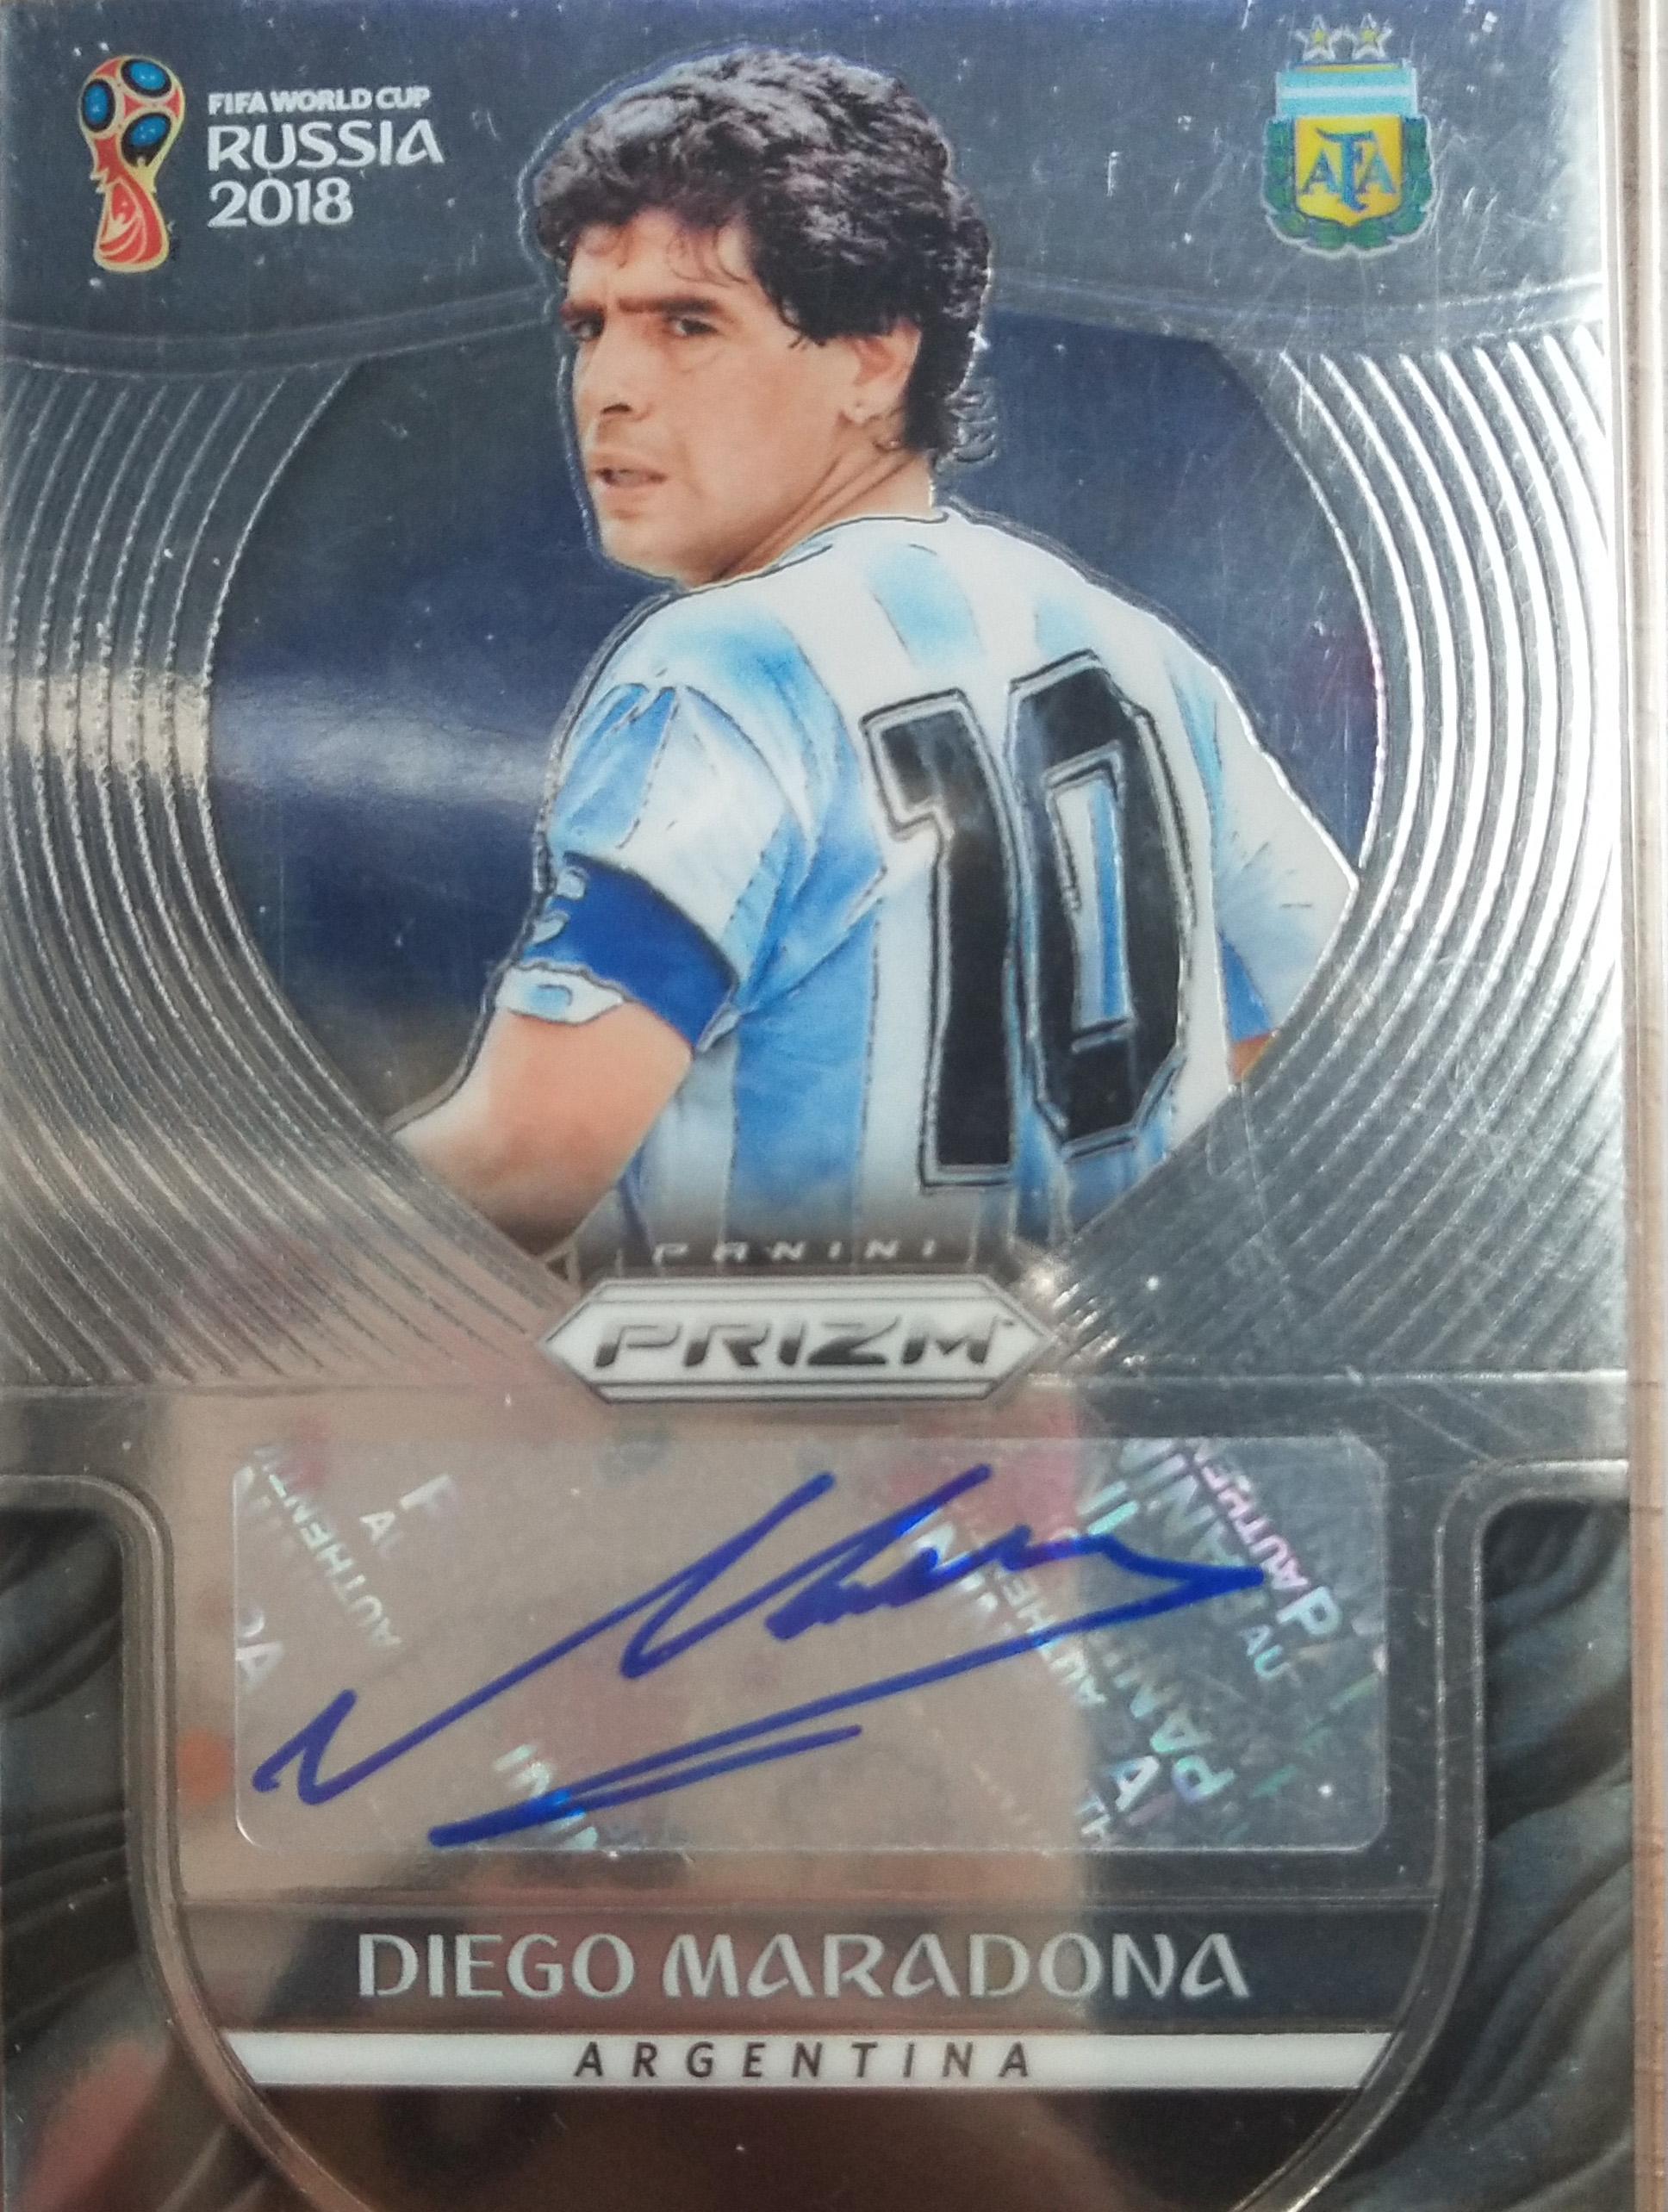 【自若清风】2018Panini帕尼尼俄罗斯世界杯球星卡Diego Maradona马拉多纳阿根廷签字